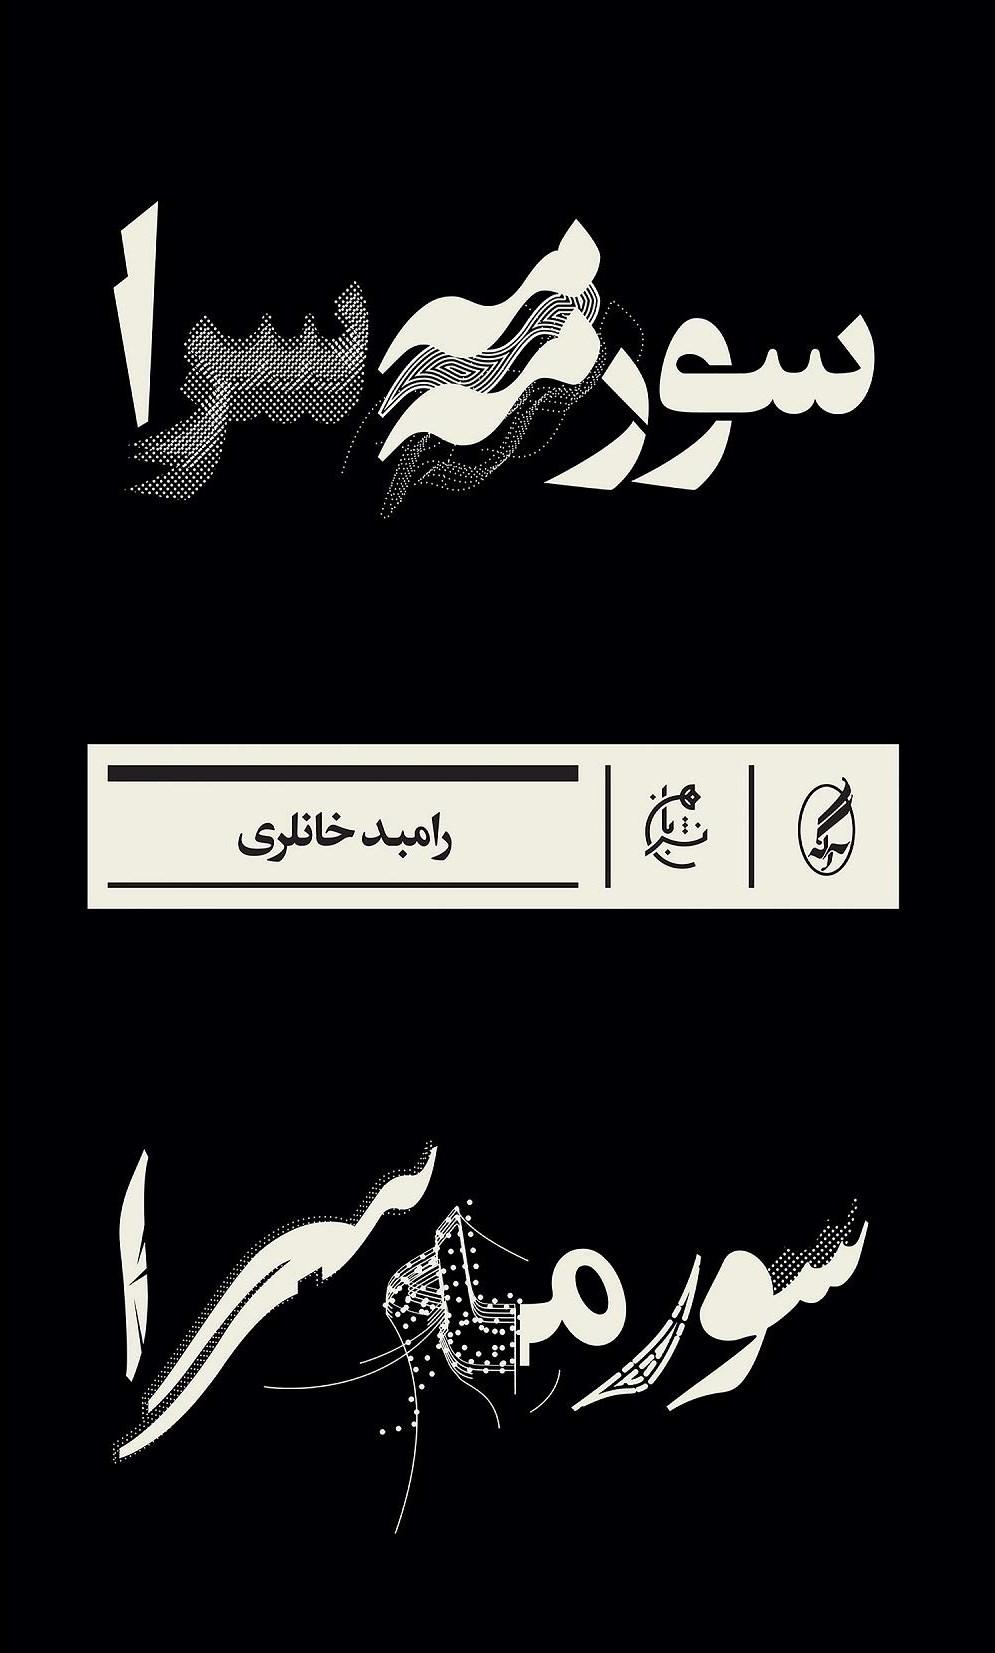 طرح جلد متفاوت و جالب رمان سورمه سرا به قلم رامبد خانلری